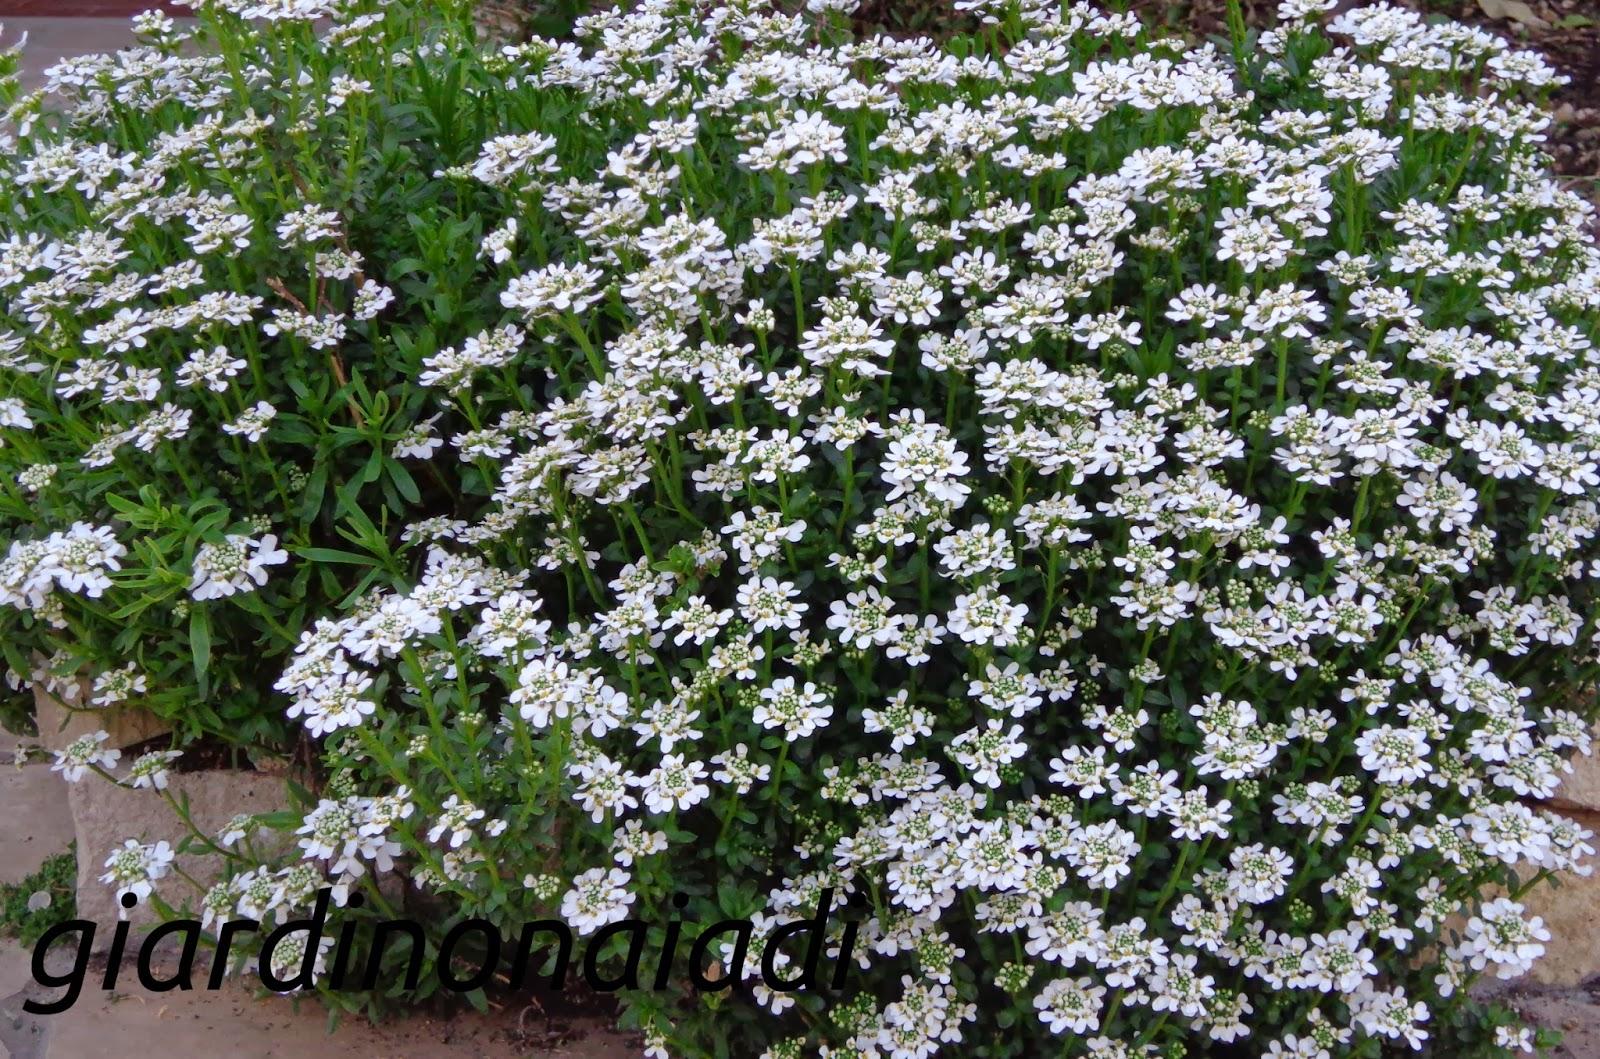 Il giardino delle naiadi iberis sempervirens un cuore bianco - Pianta da giardino con fiori bianchi ...